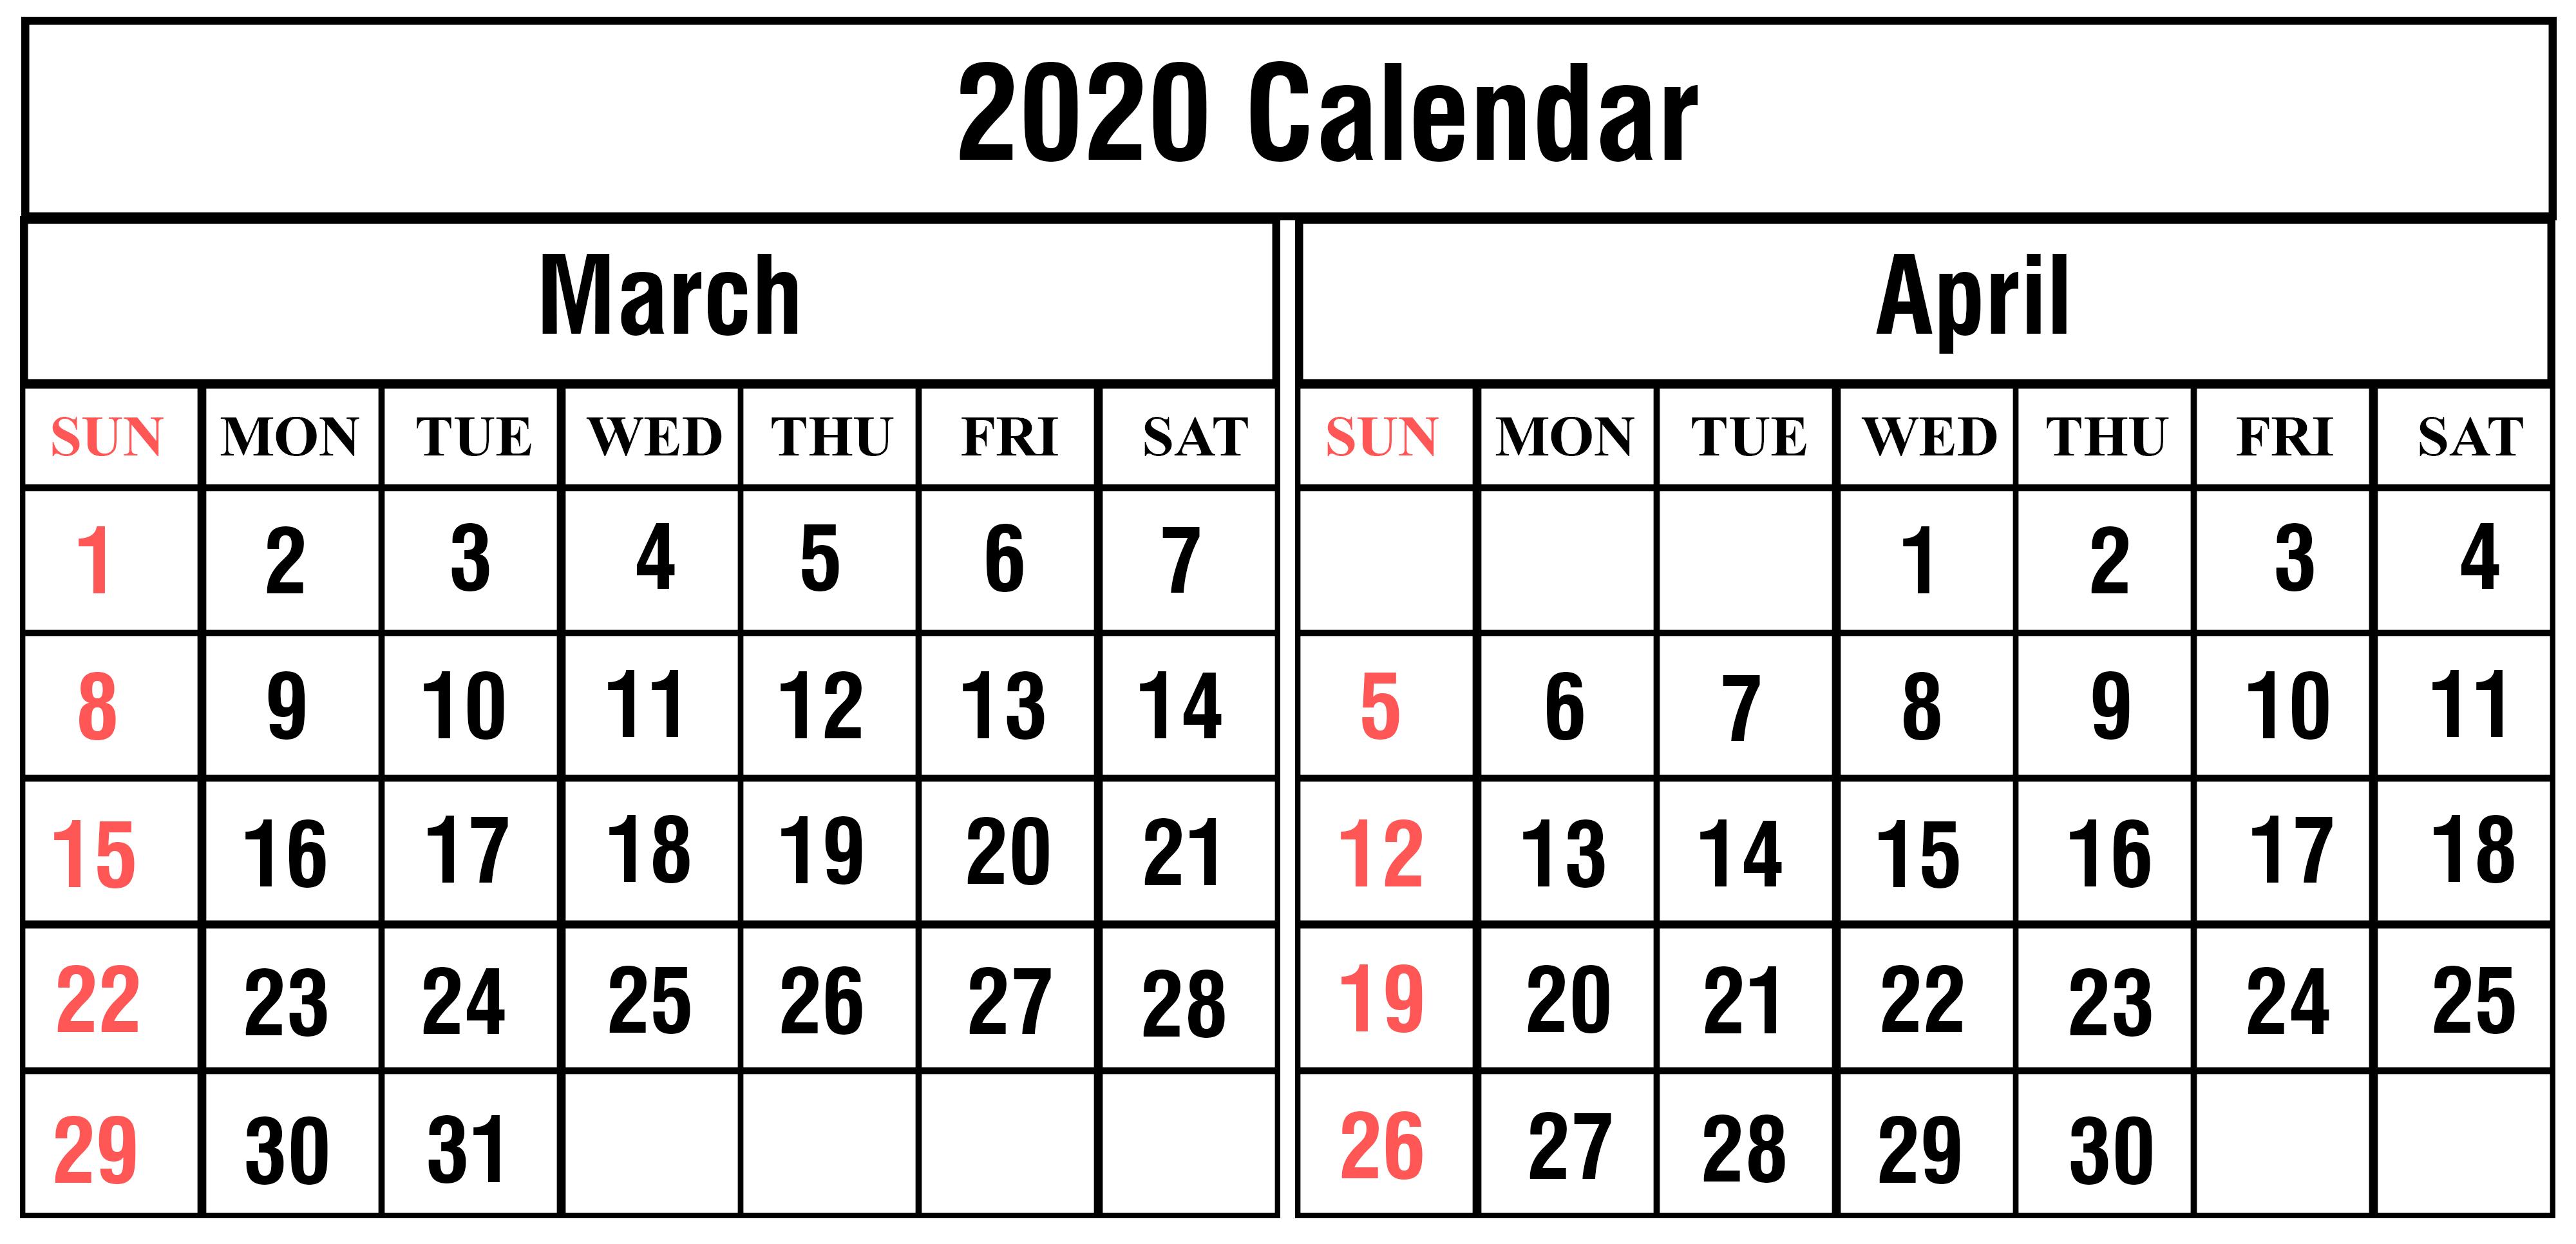 2020 March April Calendar